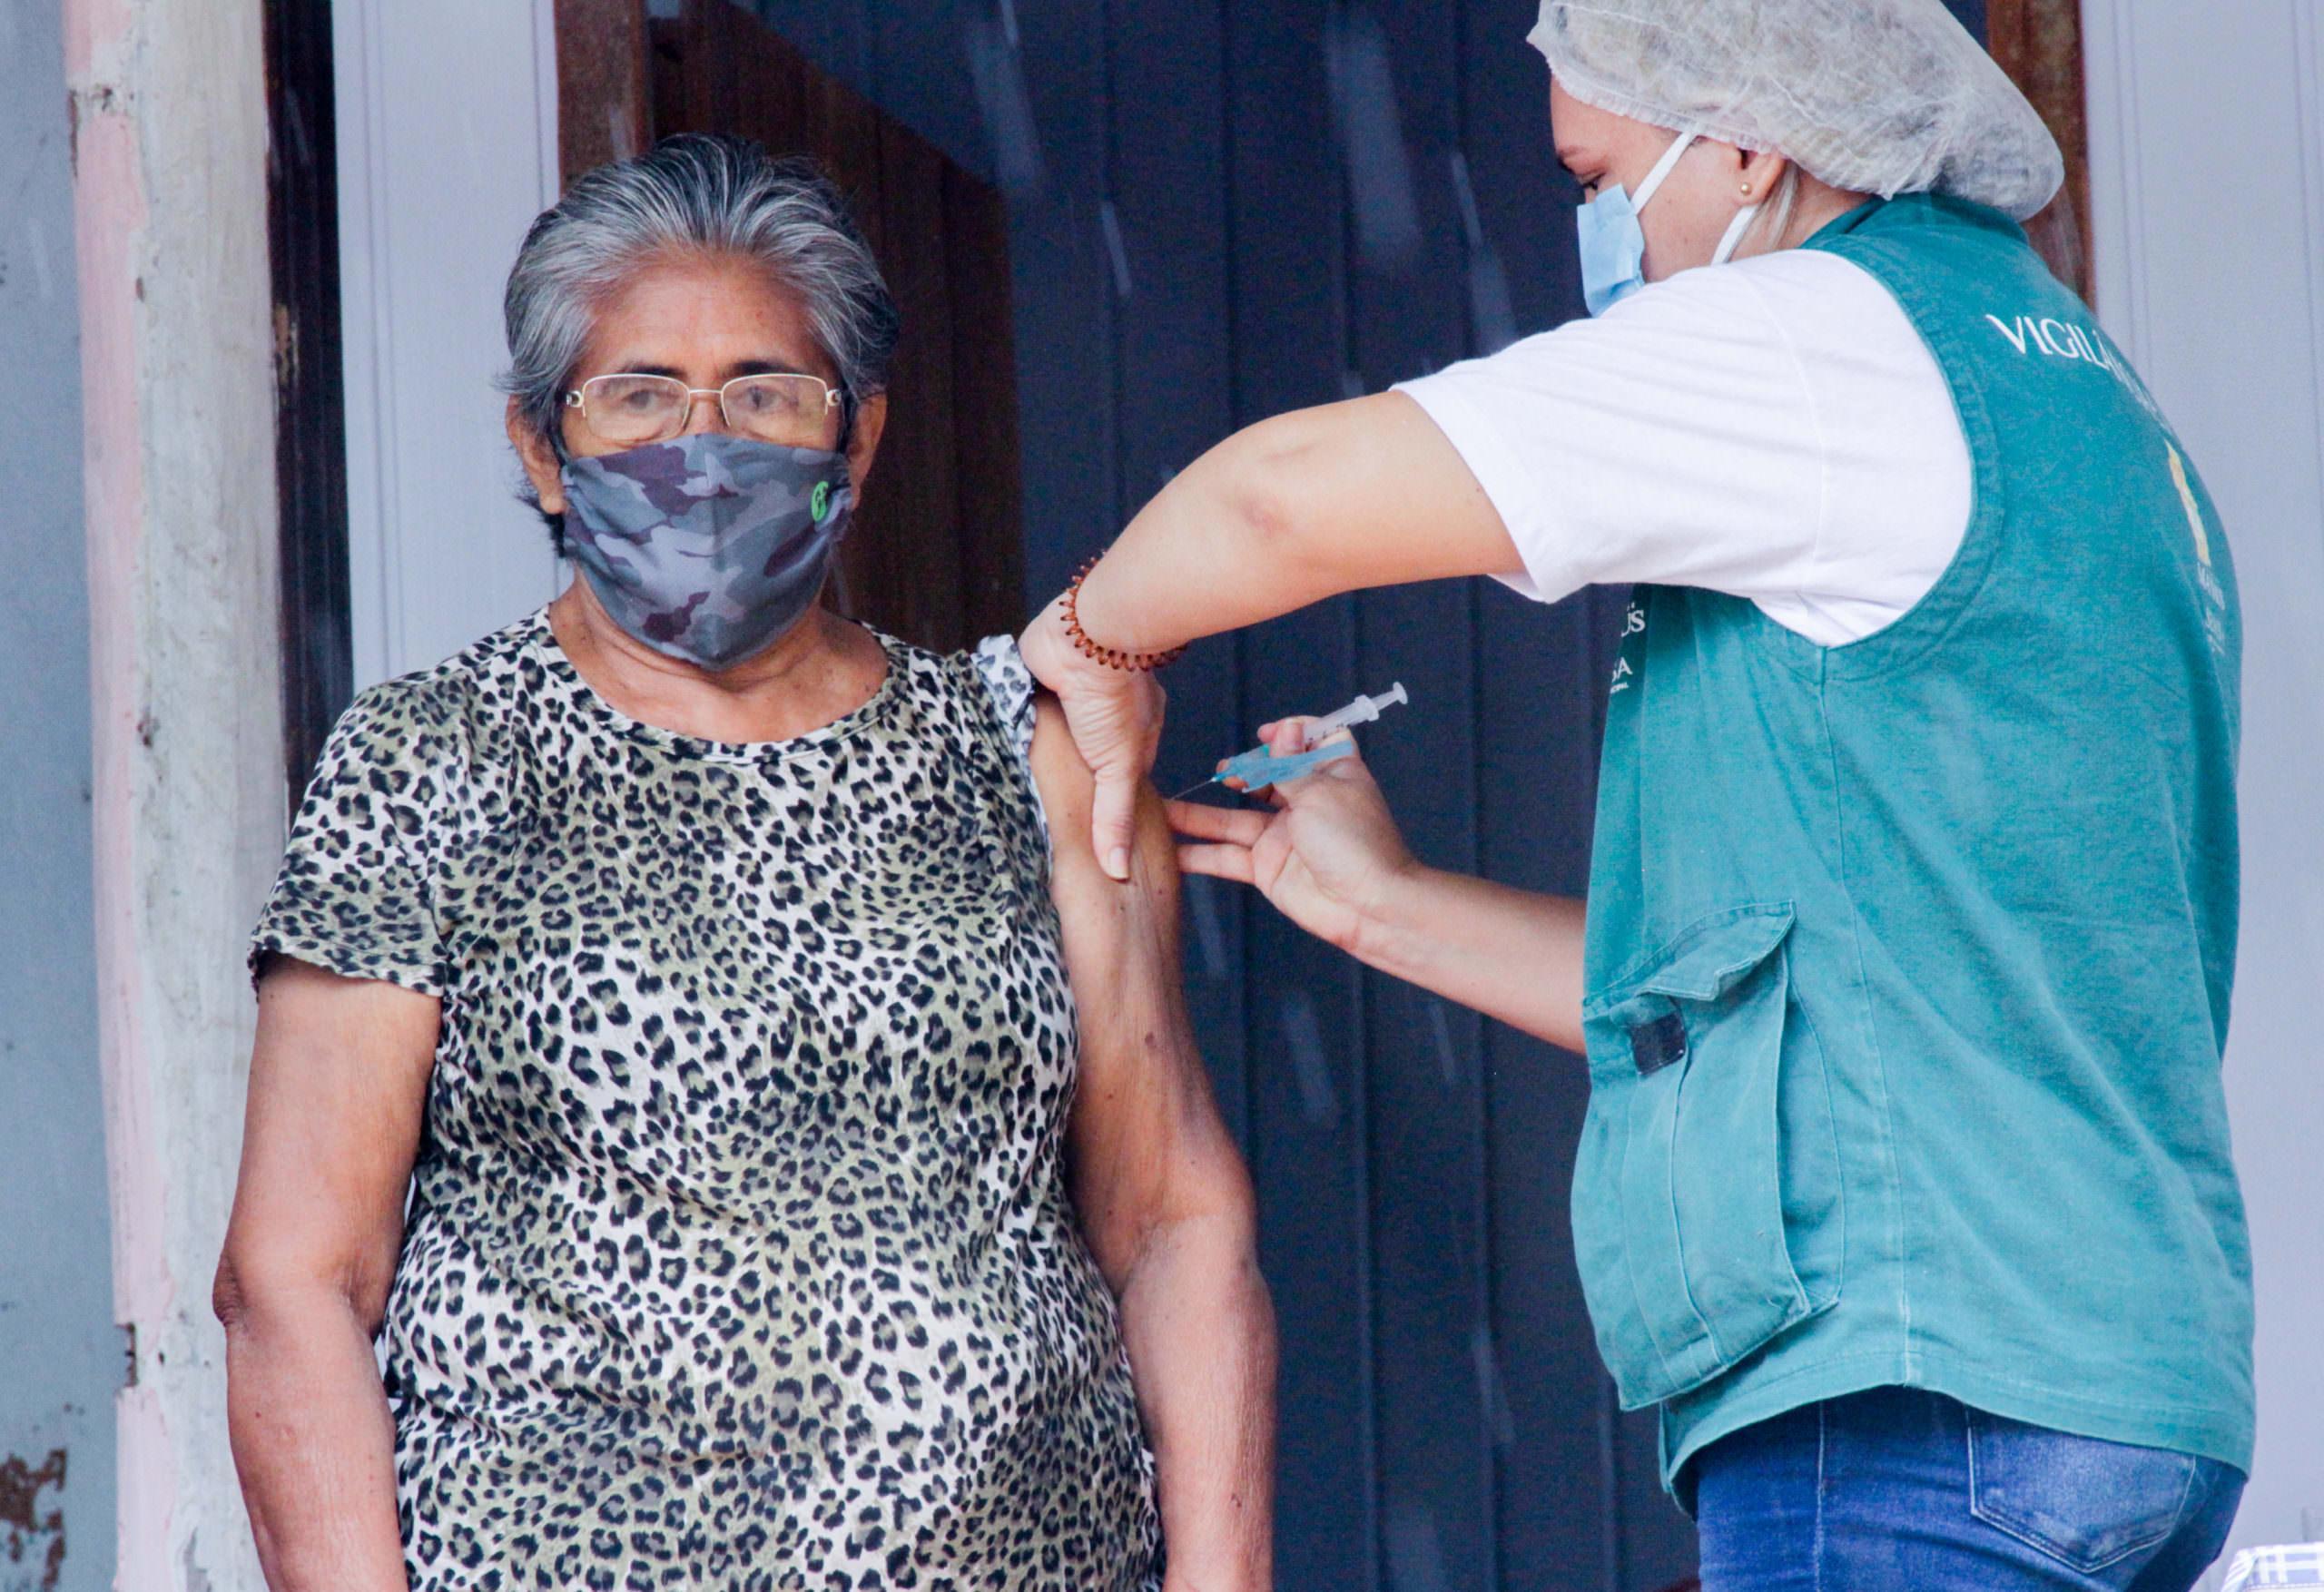 Prefeitura realiza vacinação da população ribeirinha nesta segunda-feira